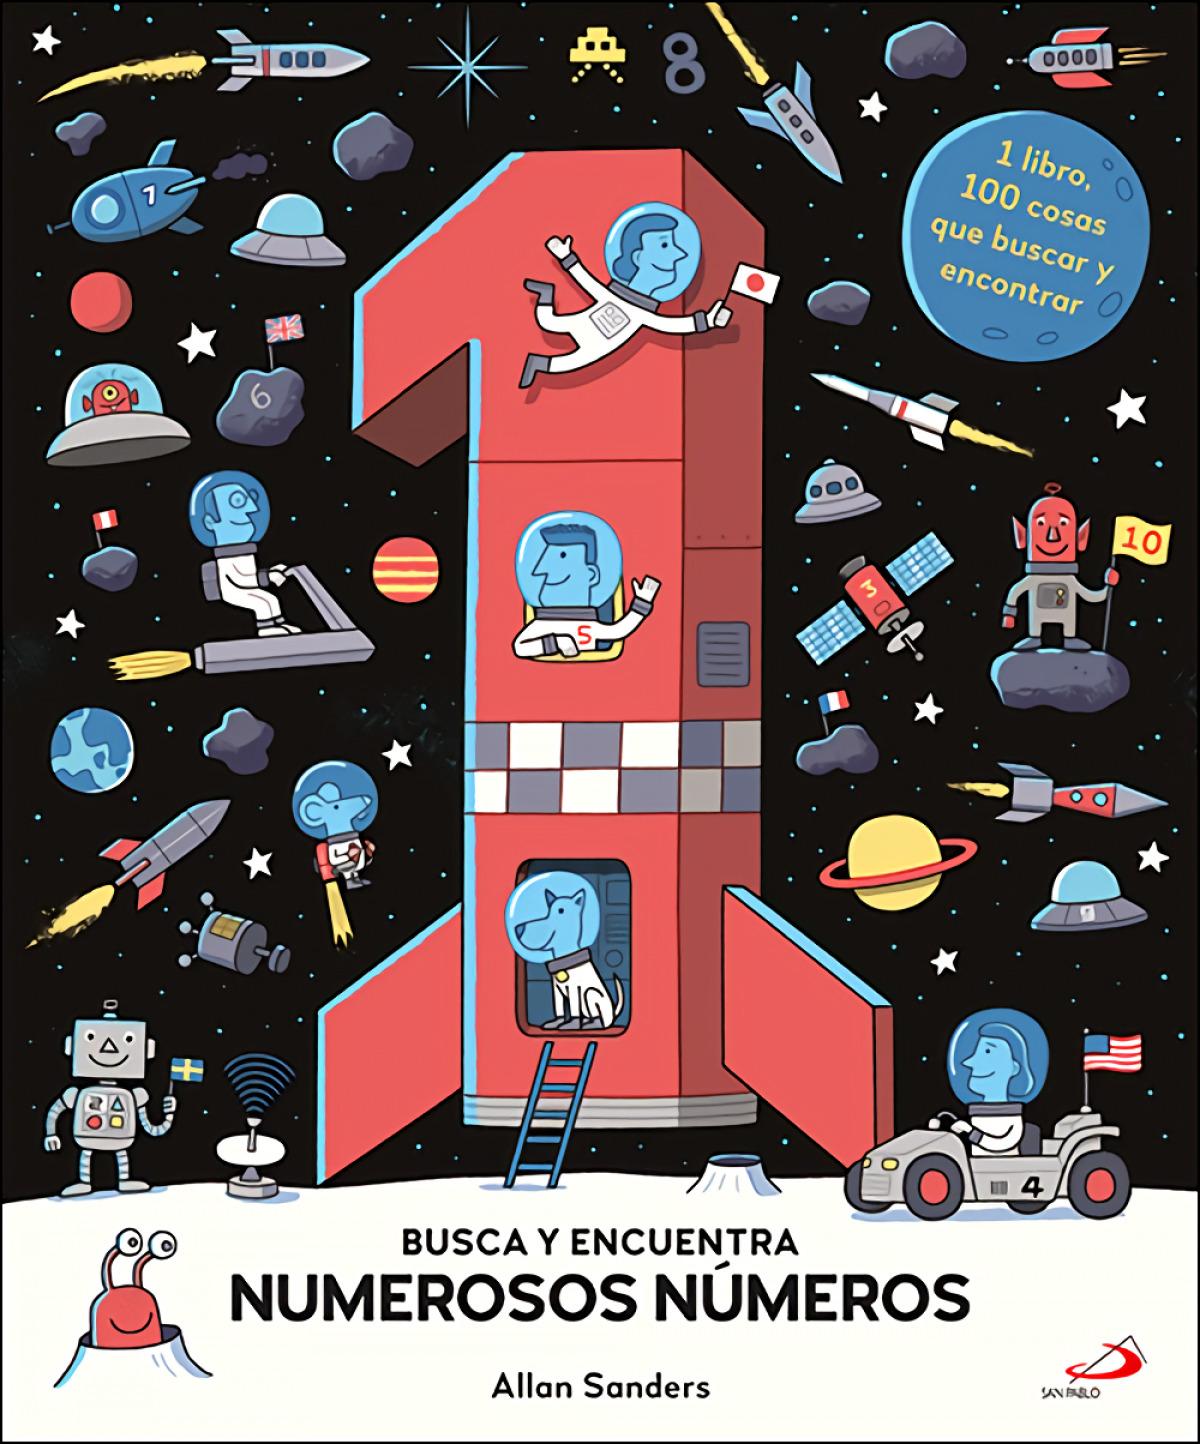 Busca y encuentra Numerosos números